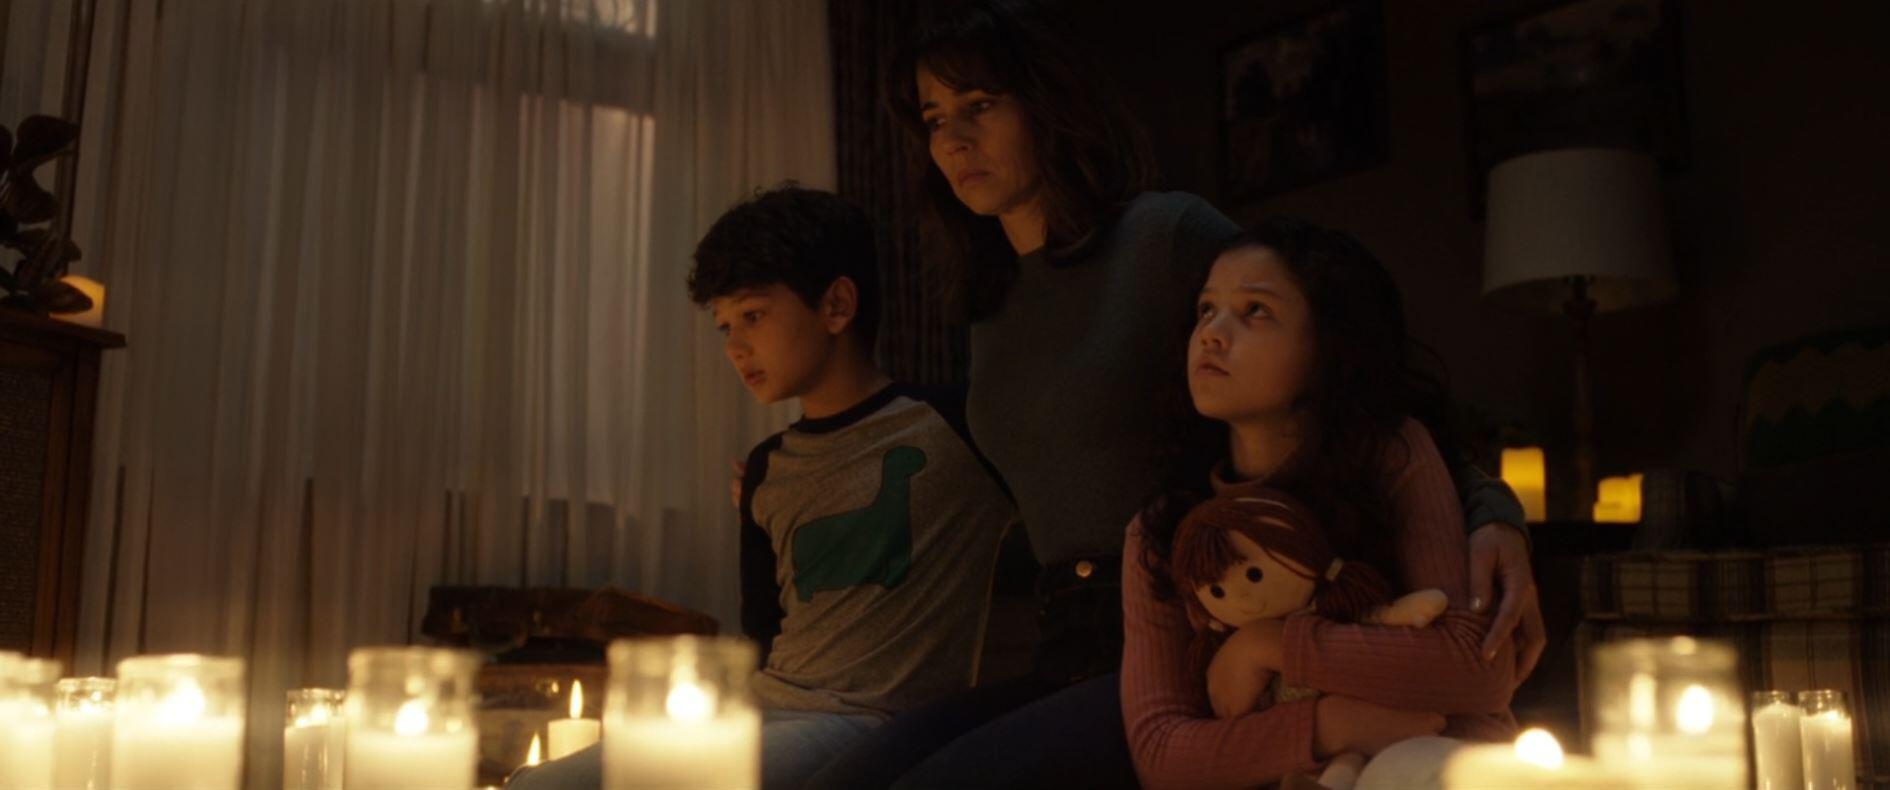 Bild zu Lloranas Fluch: Trailer